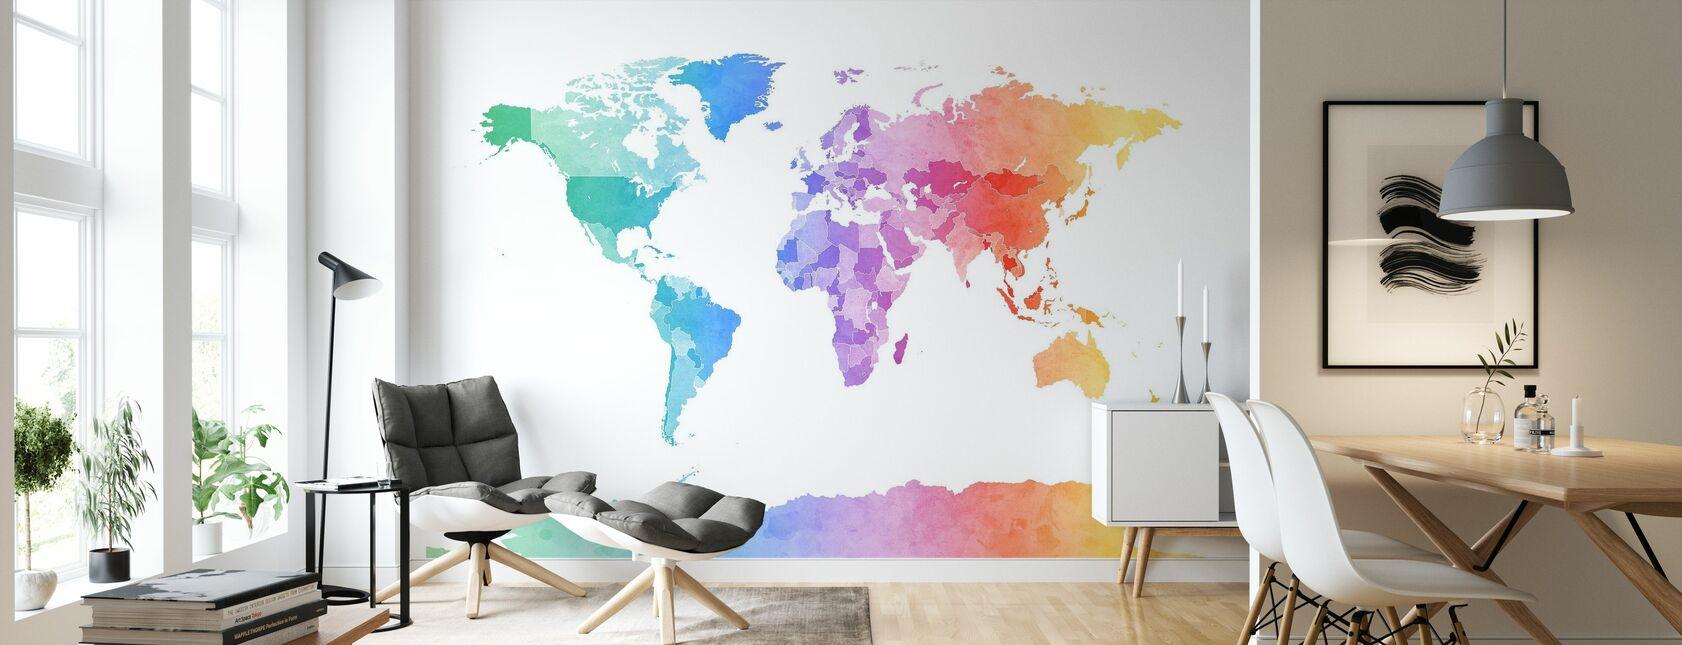 Acquerello mappa del mondo colori tenui - Carta da parati - Salotto